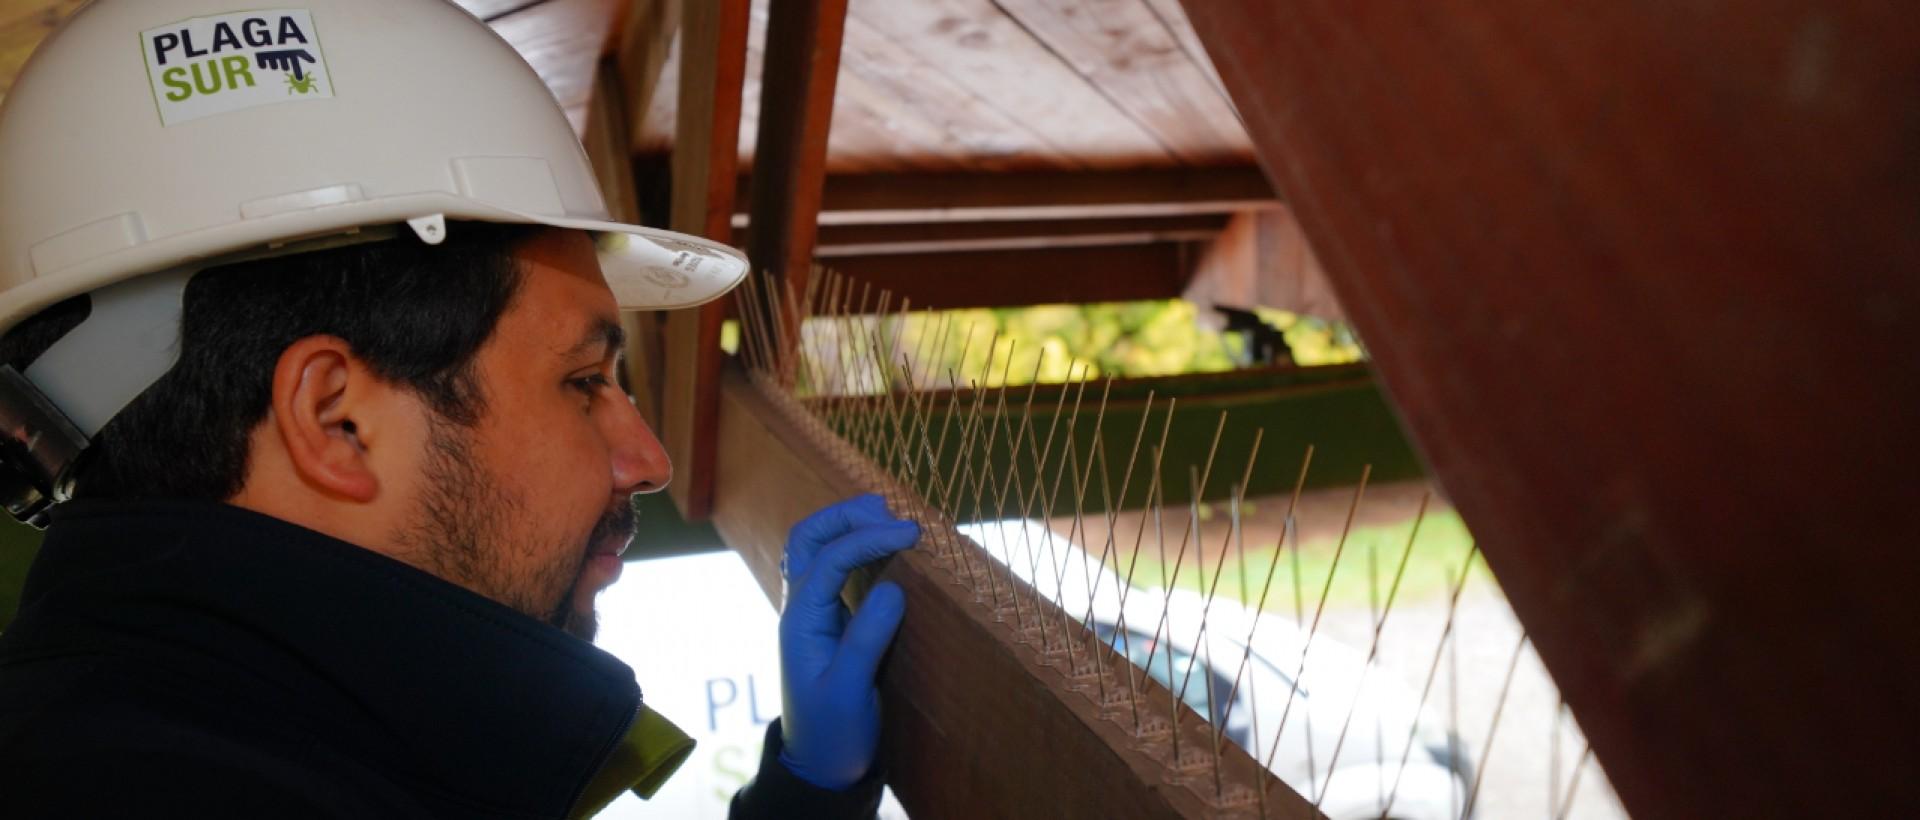 PLAGASUR® | Porque es tu casa y NO la de ellos! | Sanitización · Desratización · Desinsectación · Control de palomas y murciélagos · Valdivia - Puerto Montt - Puerto Varas - Osorno - Castro | Control de palomas y murciélagos